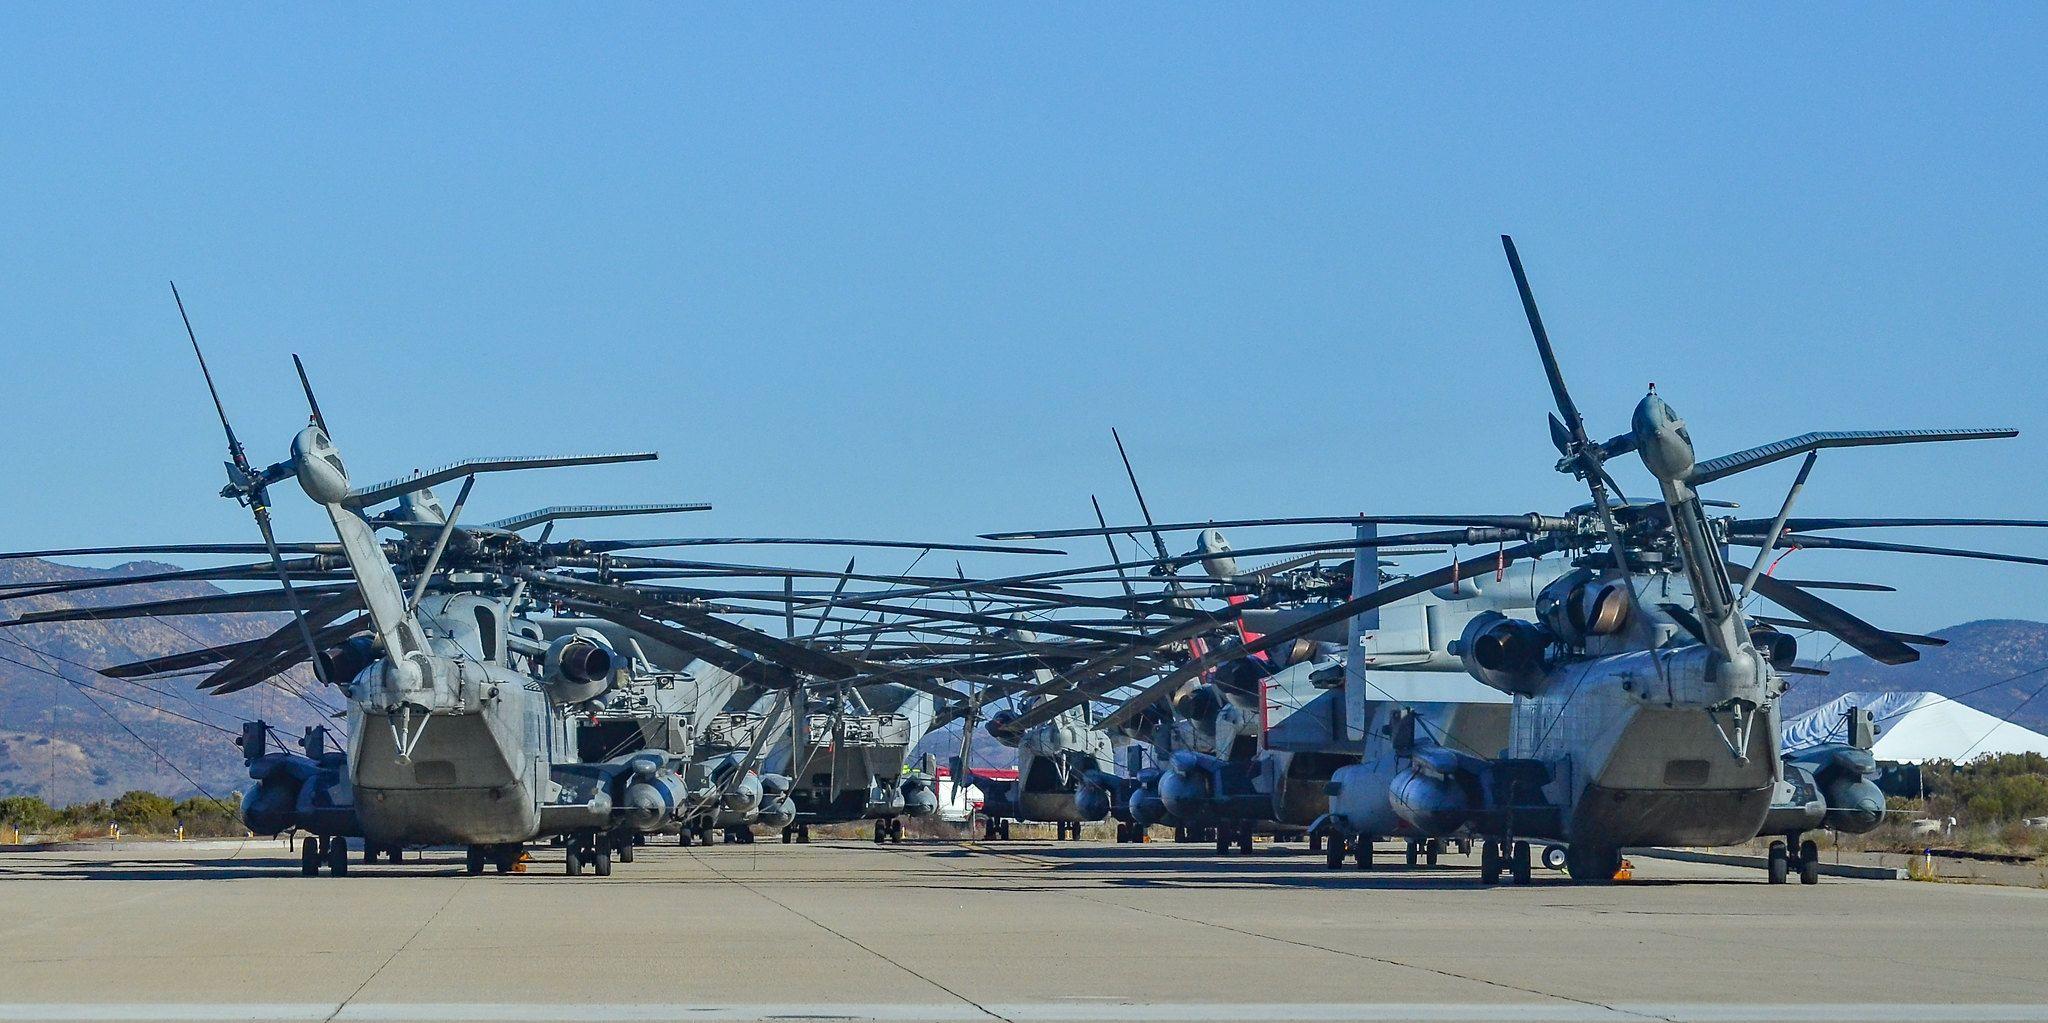 Marine Corps Air Station Miramar Marine corps, Air show